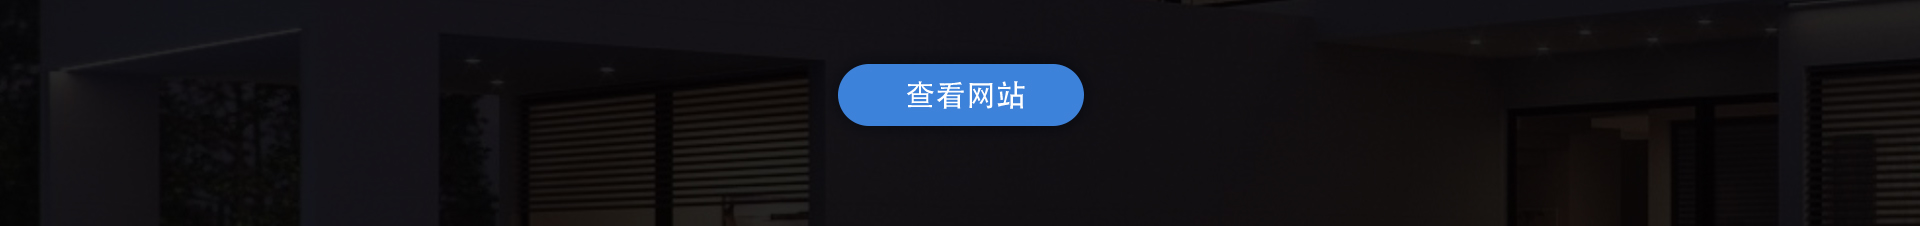 邱晓彬-邱晓斌左天奴-上海服饰有限公司-邱晓斌-左天奴-上海服饰有限公司_02